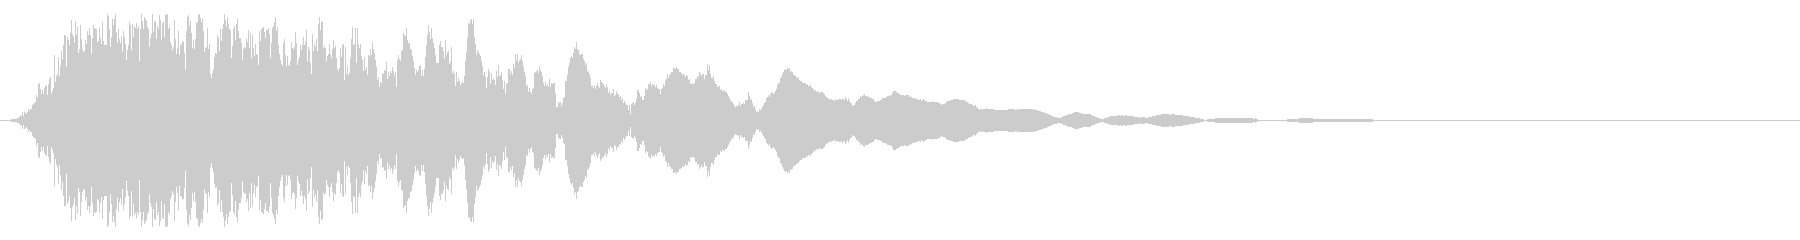 刀や剣 抜刀 斬撃の効果音 11bの未再生の波形